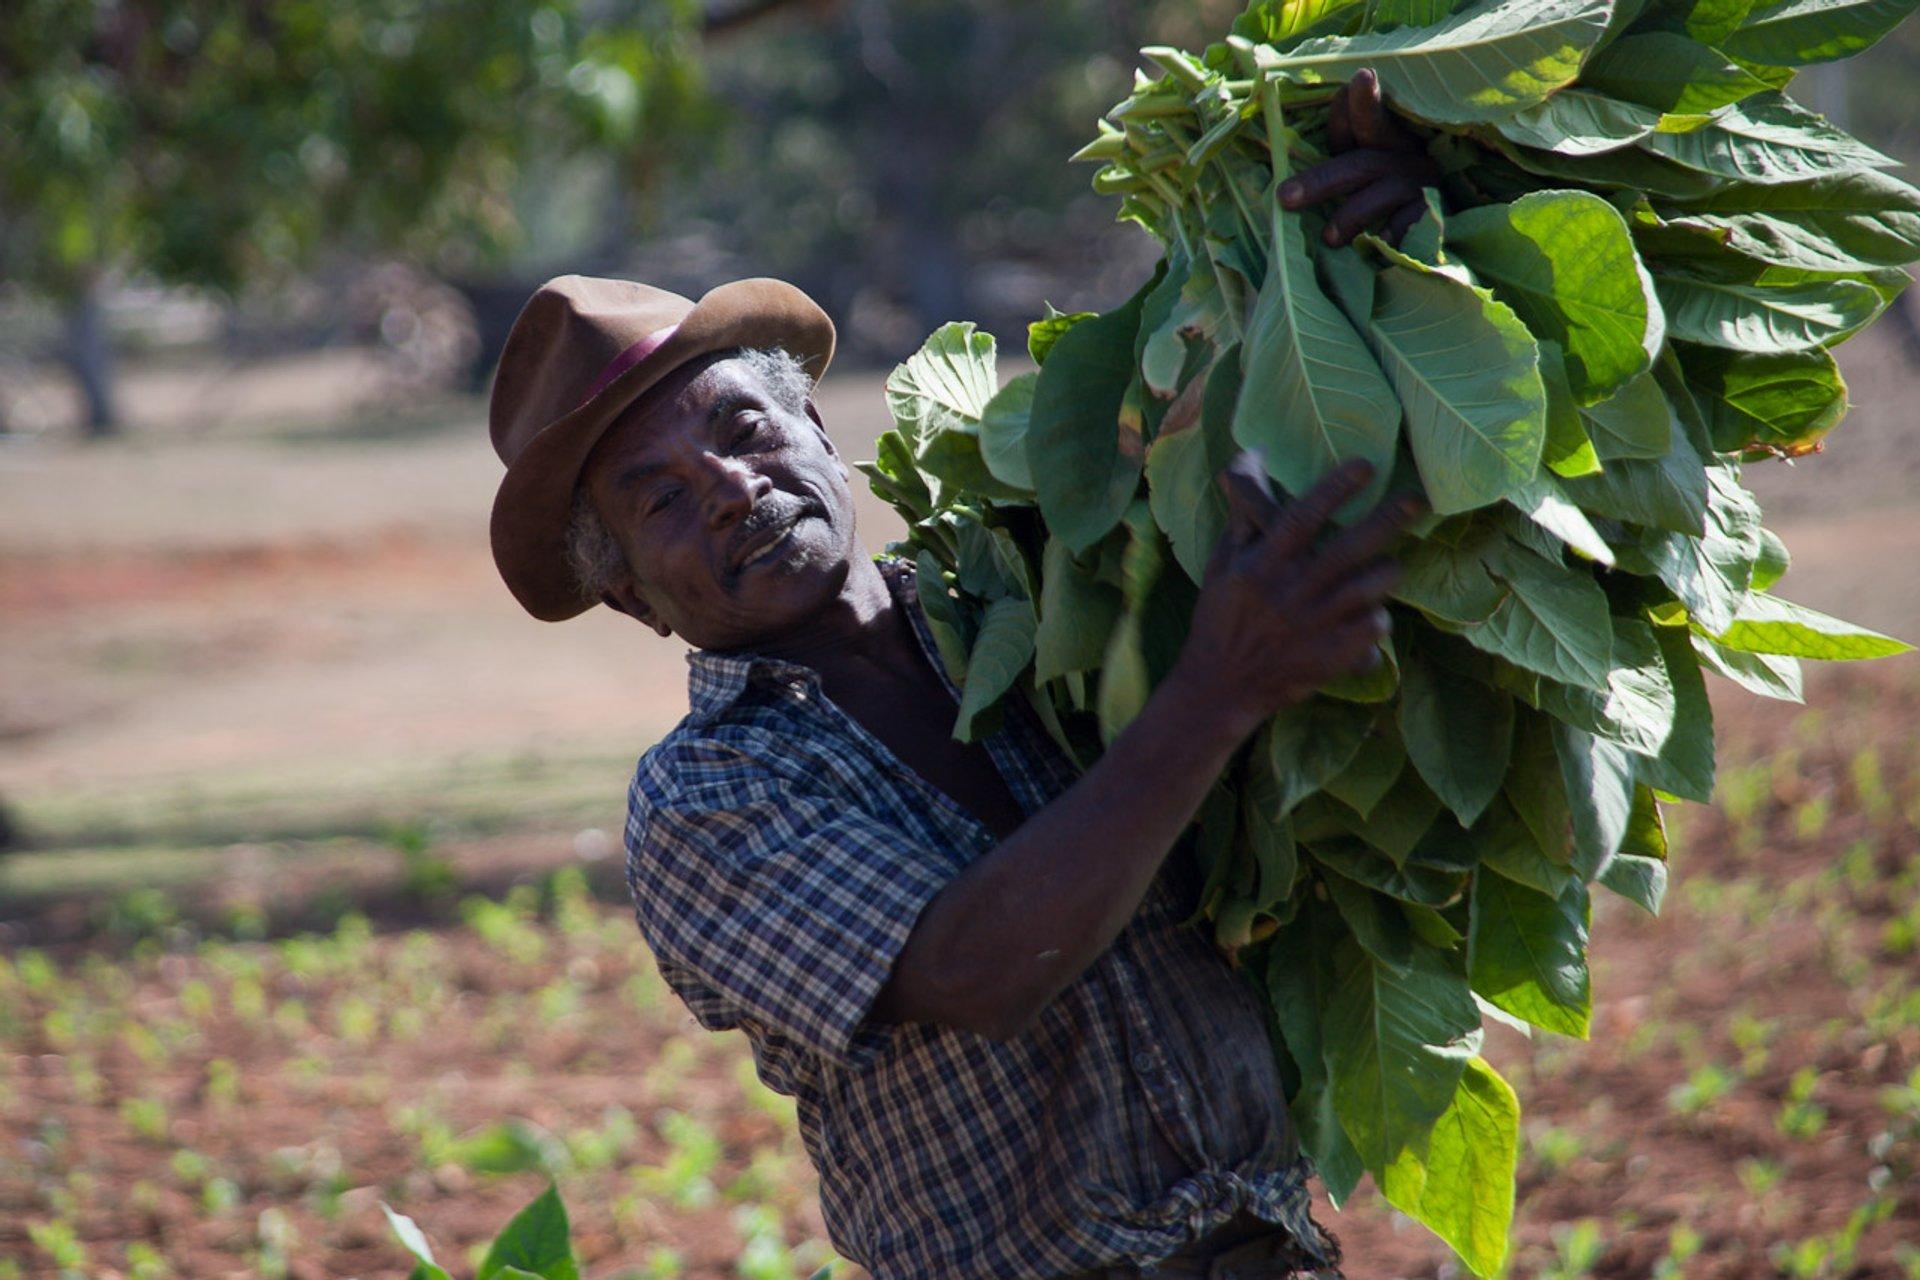 Tobacco harvester near Puerto Esperanza, Vinales, Cuba 2020